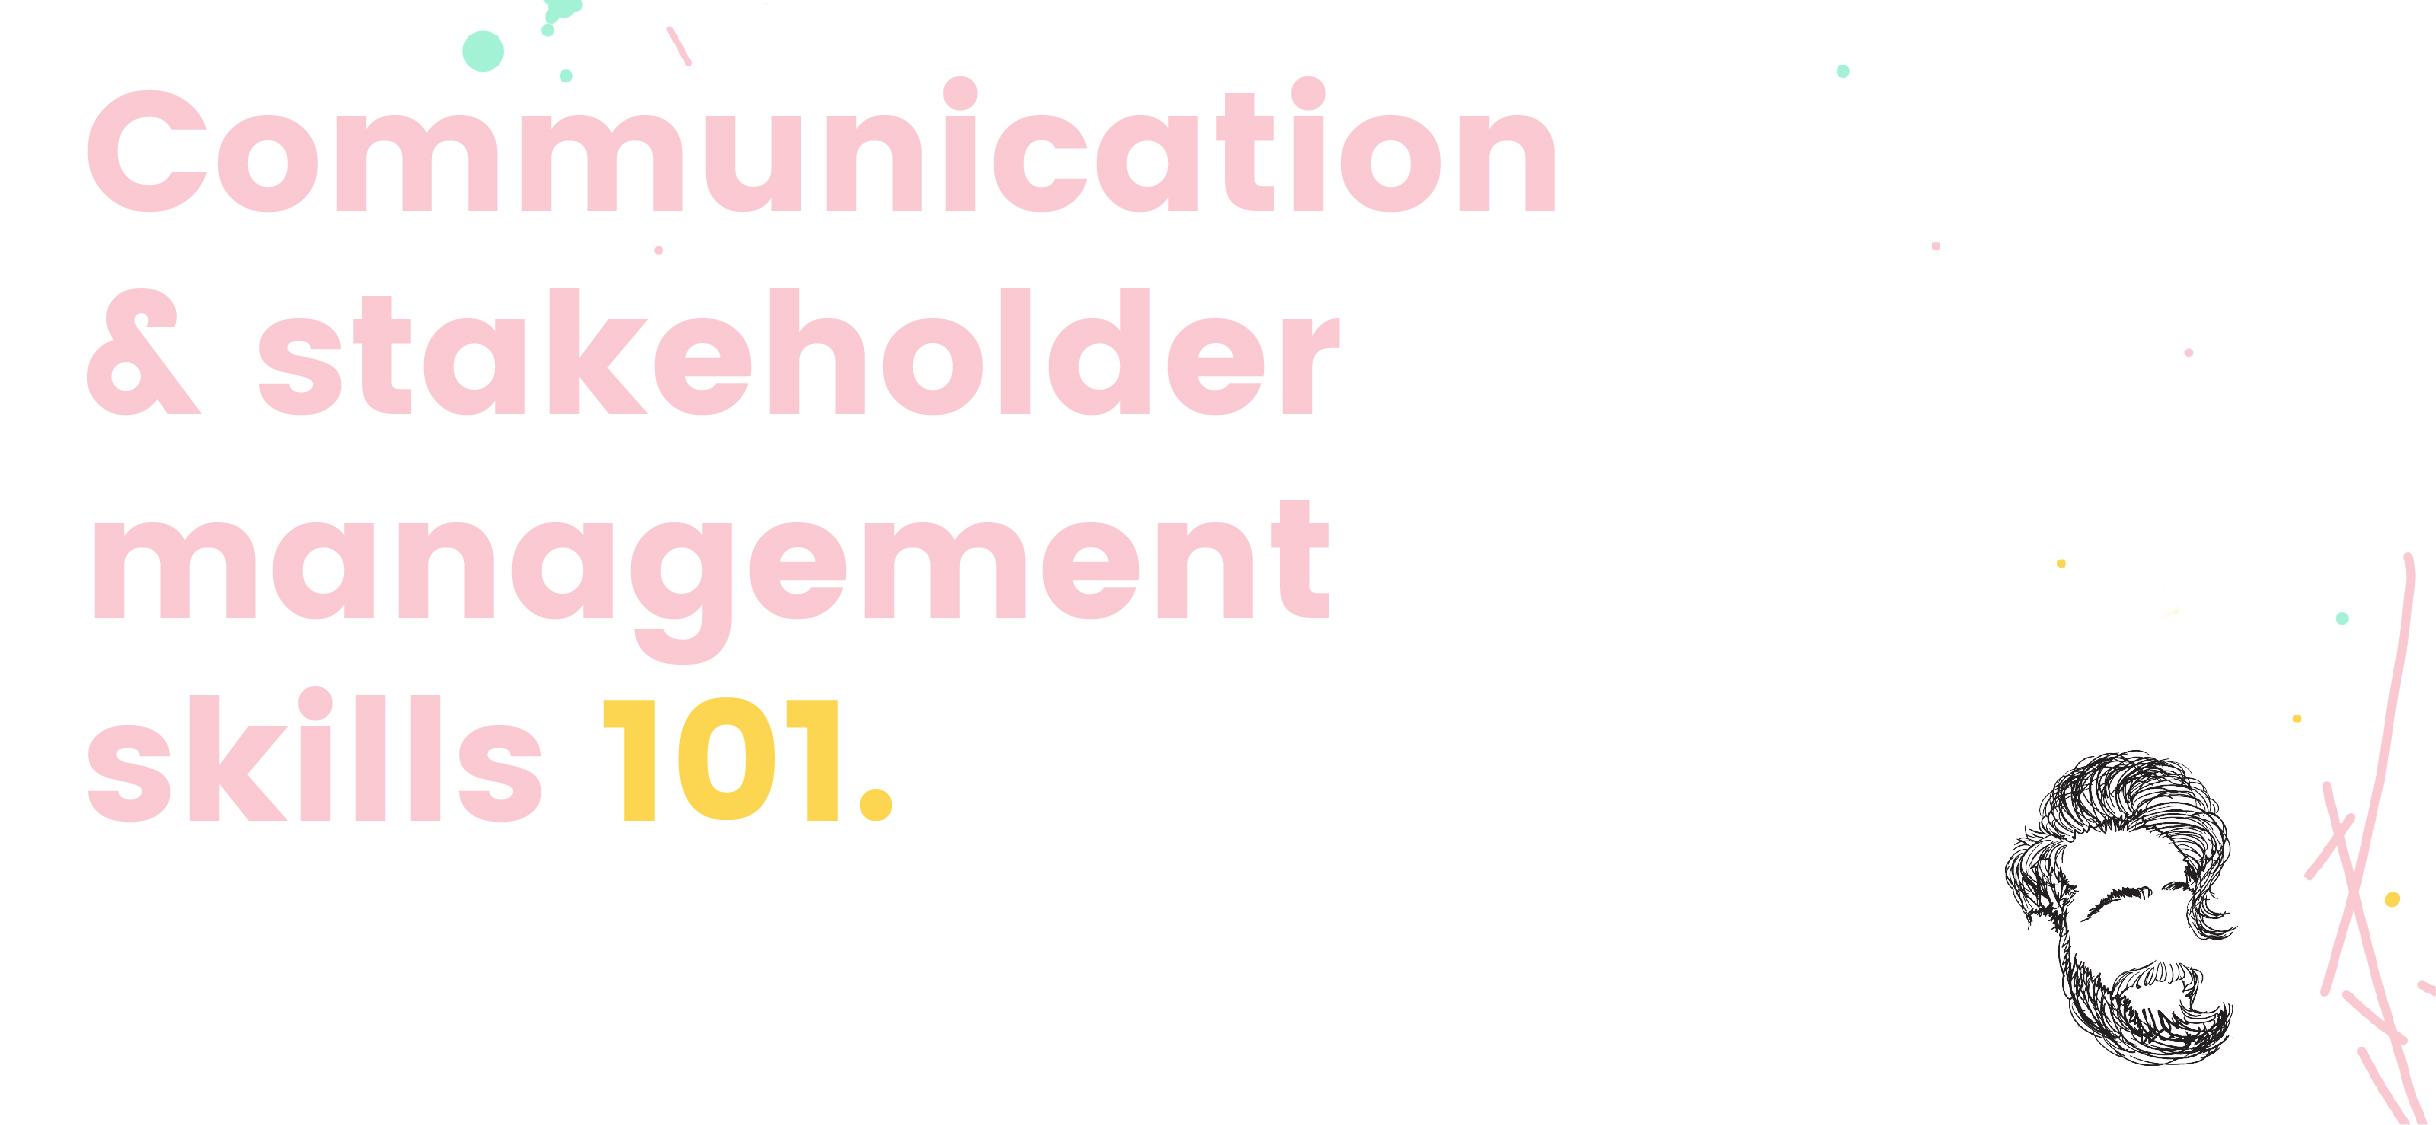 Stakeholder_Management_Skilss_1.jpg